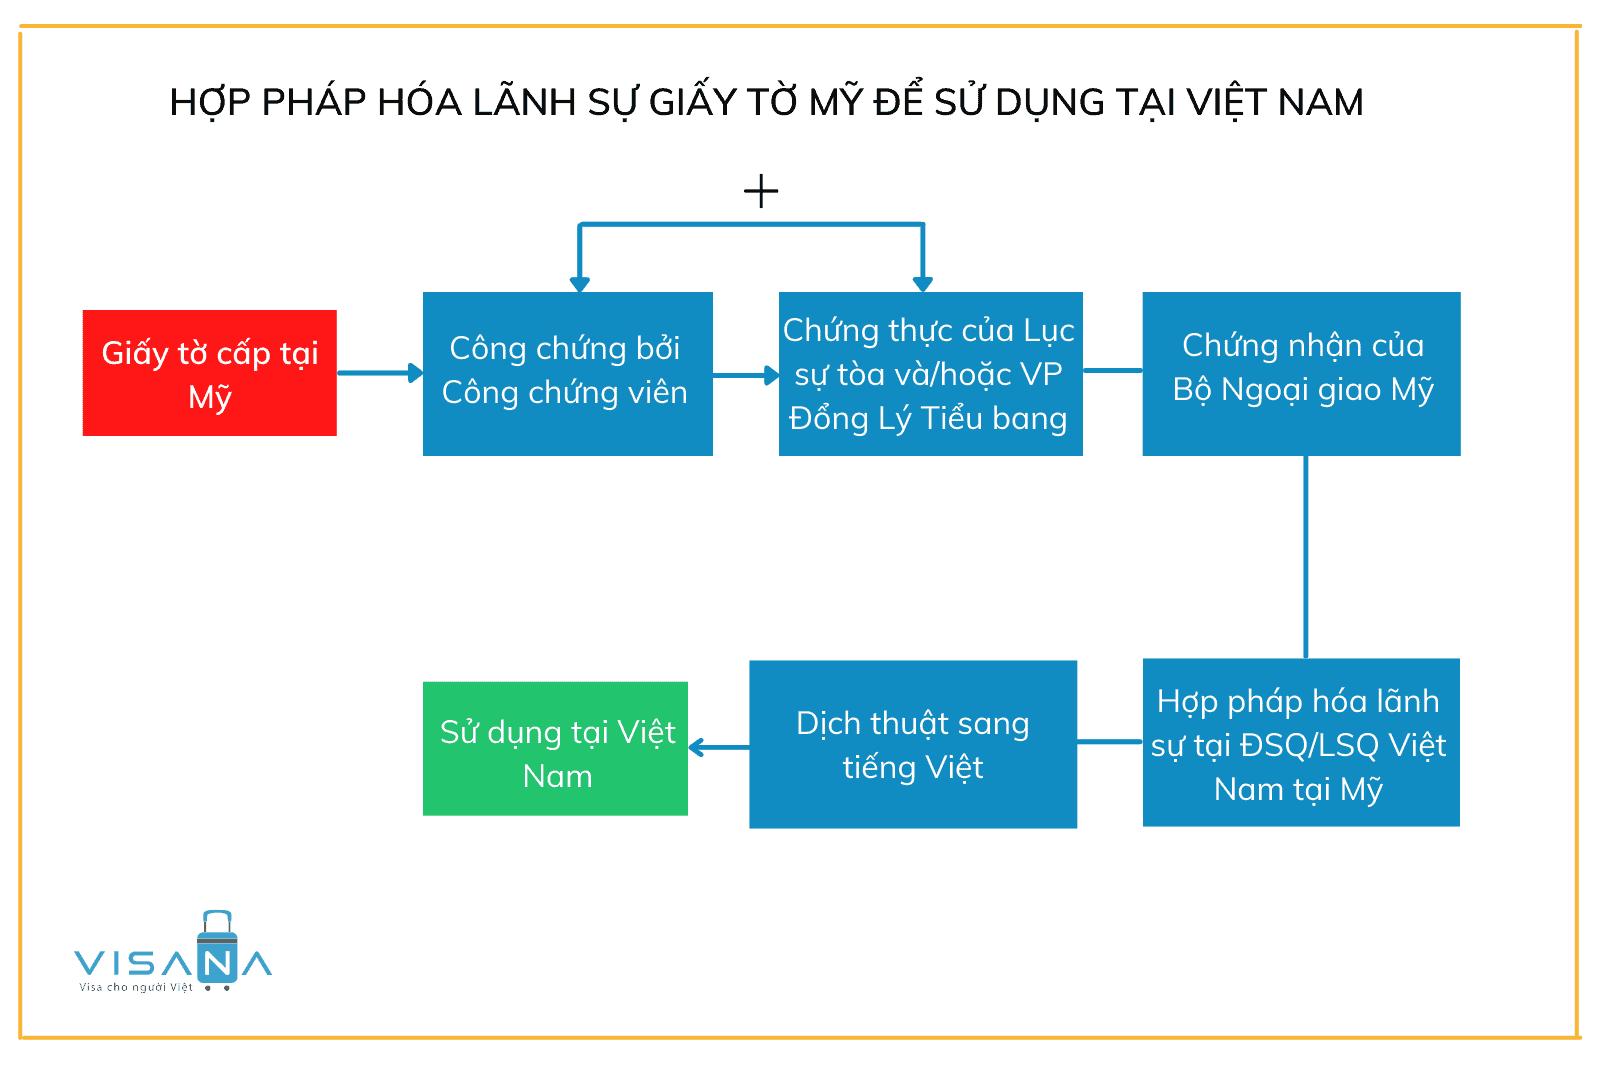 Thủ tục hợp pháp hóa lãnh sự giấy tờ Mỹ sử dụng tại Việt Nam